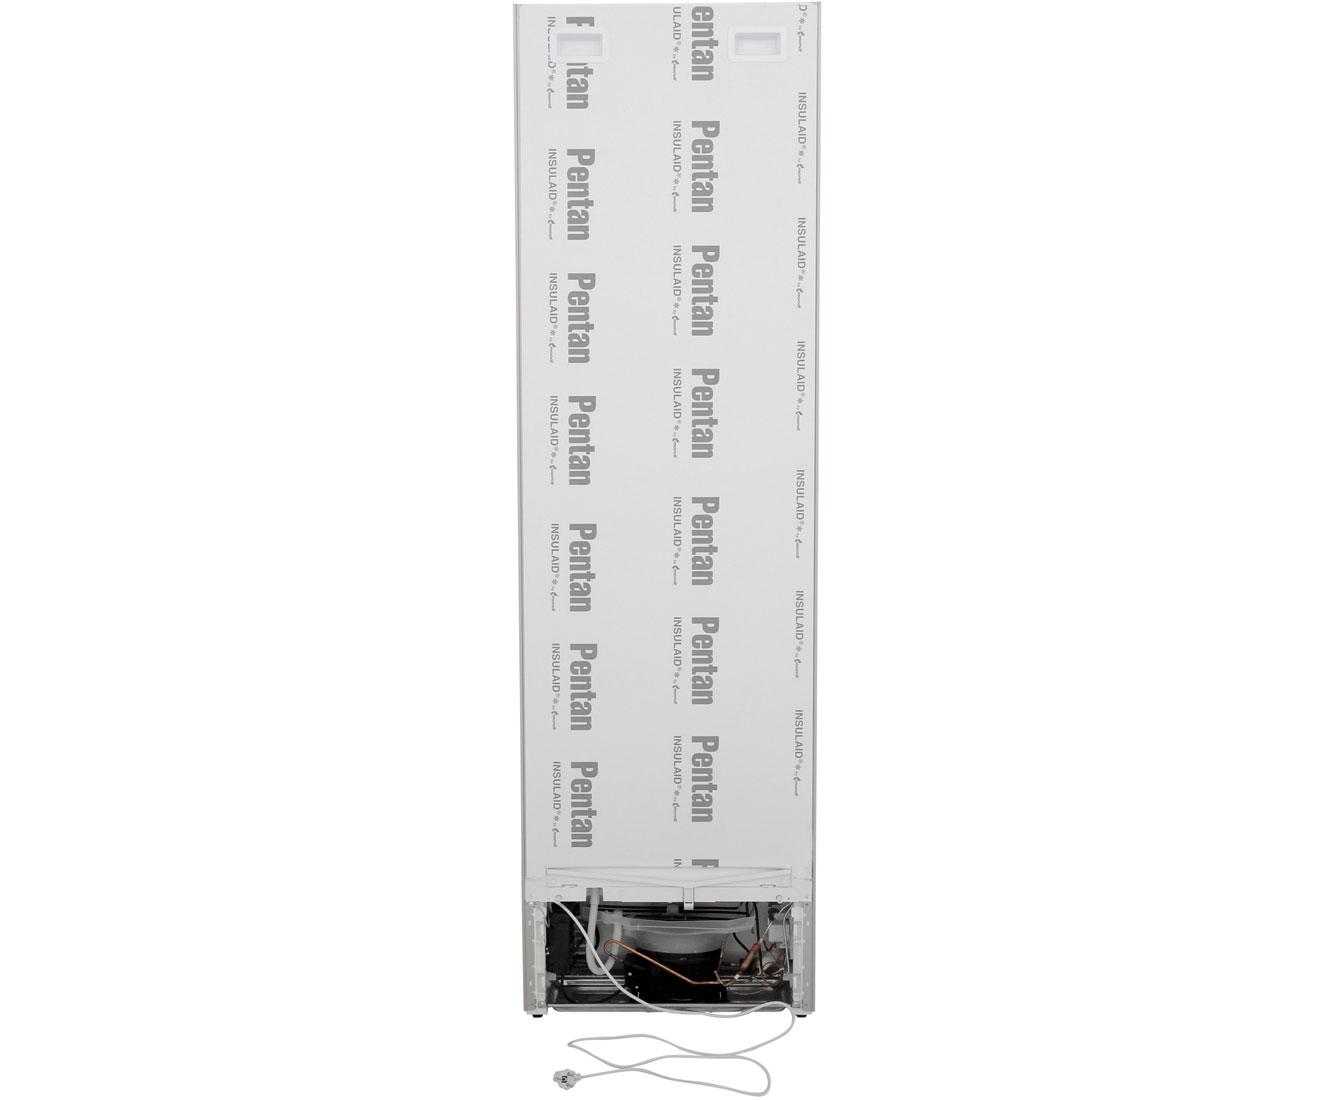 Siemens Kühlschrank Rückseite : Siemens iq kg nvl kühl gefrierkombination mit no frost